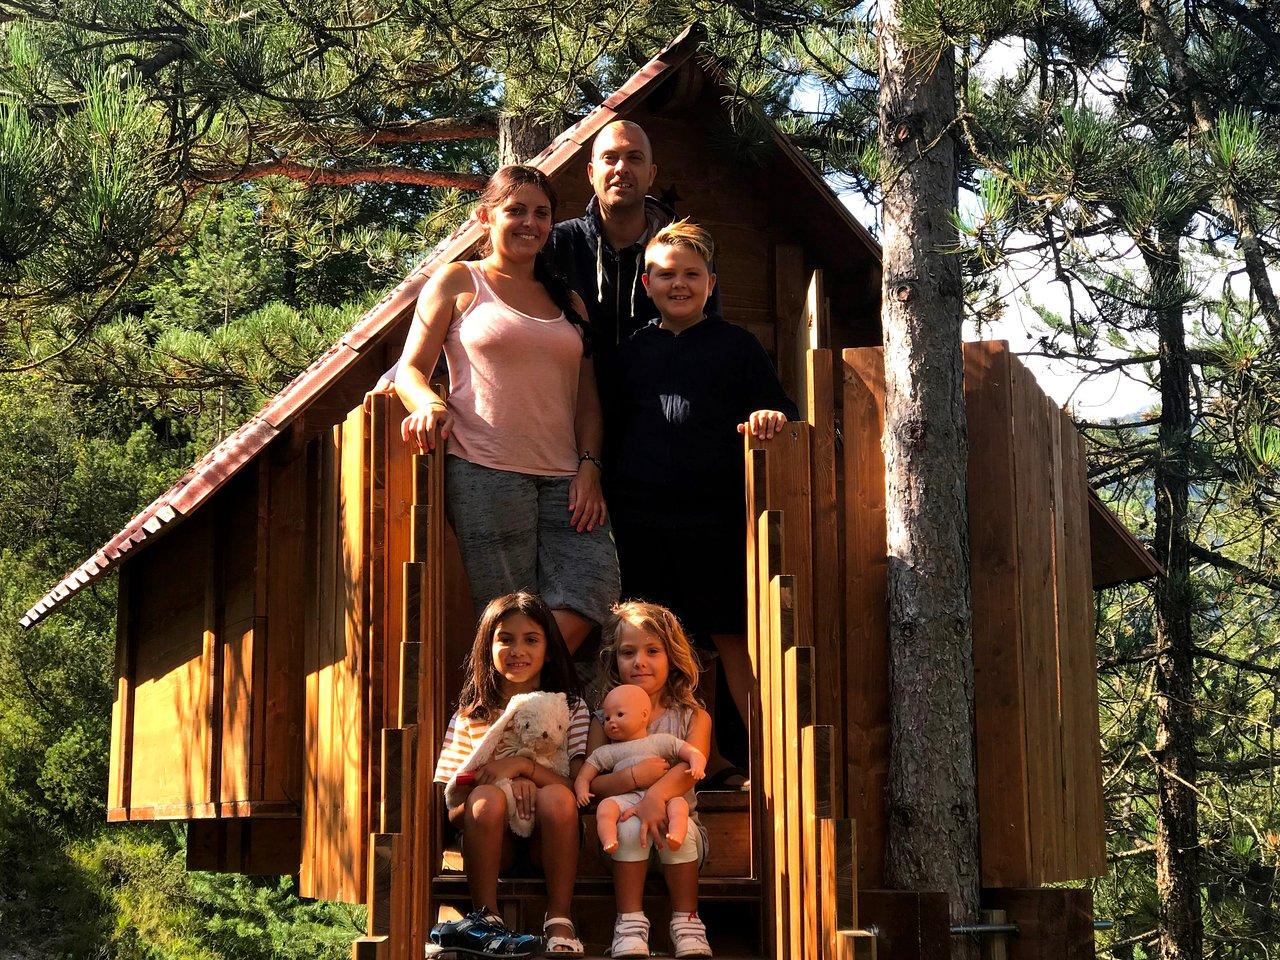 Casa Sull Albero Malga Priu Prezzi tree village (claut): aggiornato 2020 - tutto quello che c'è